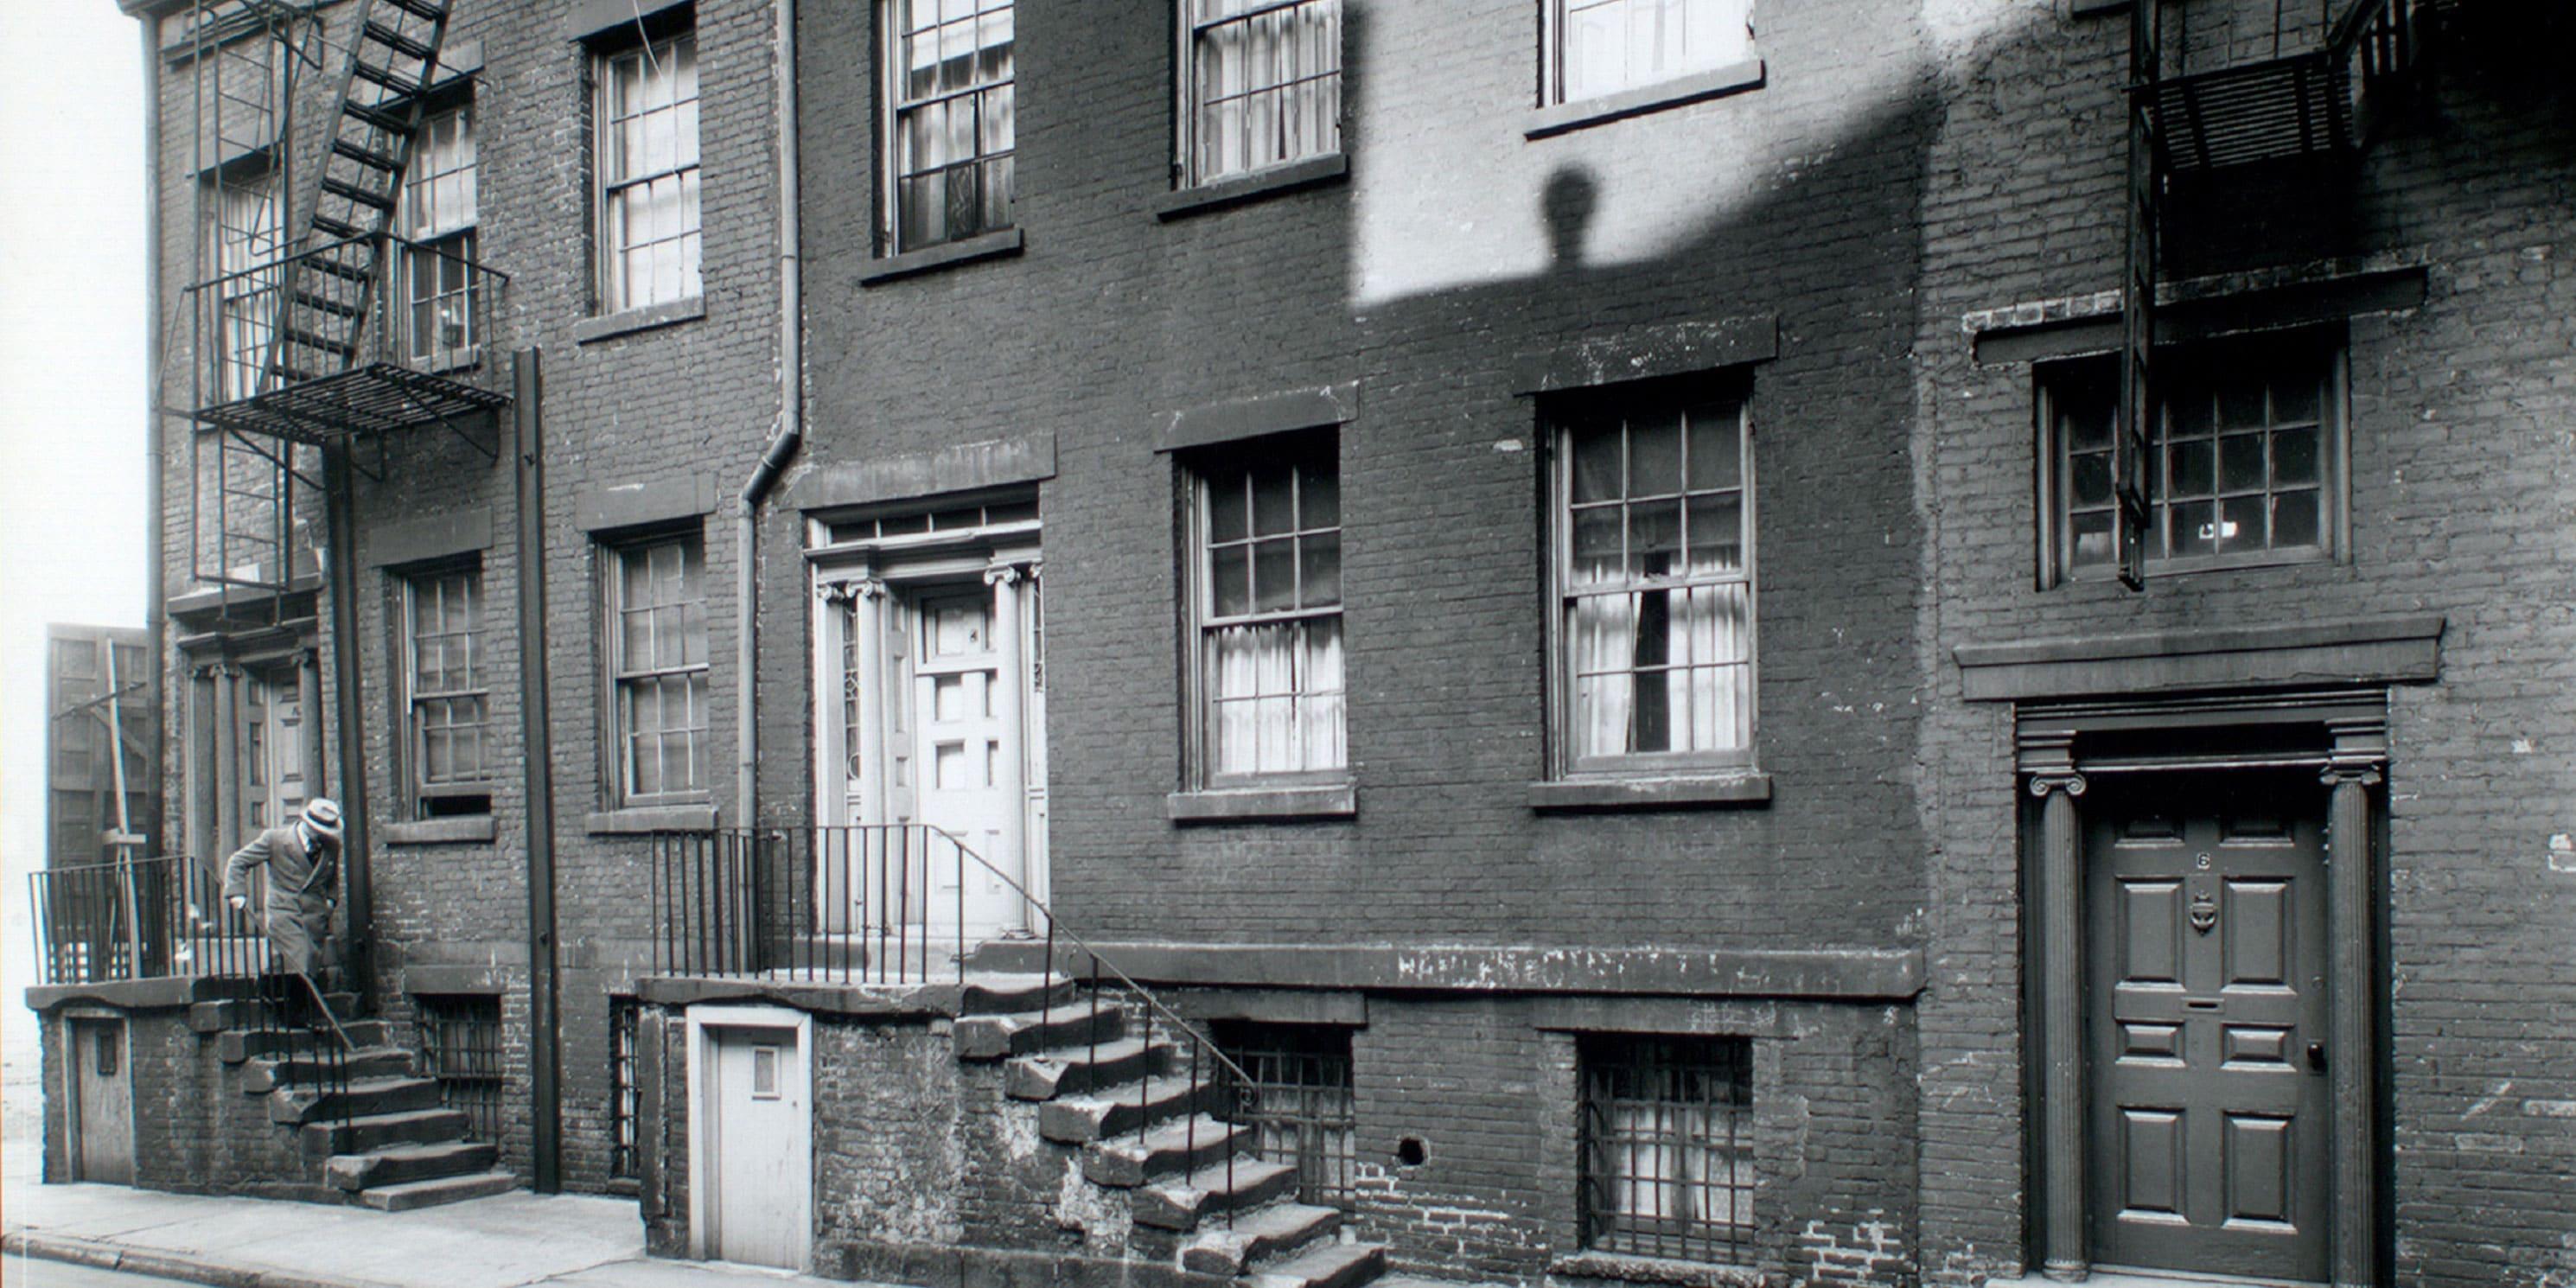 Minetta Street in 1935